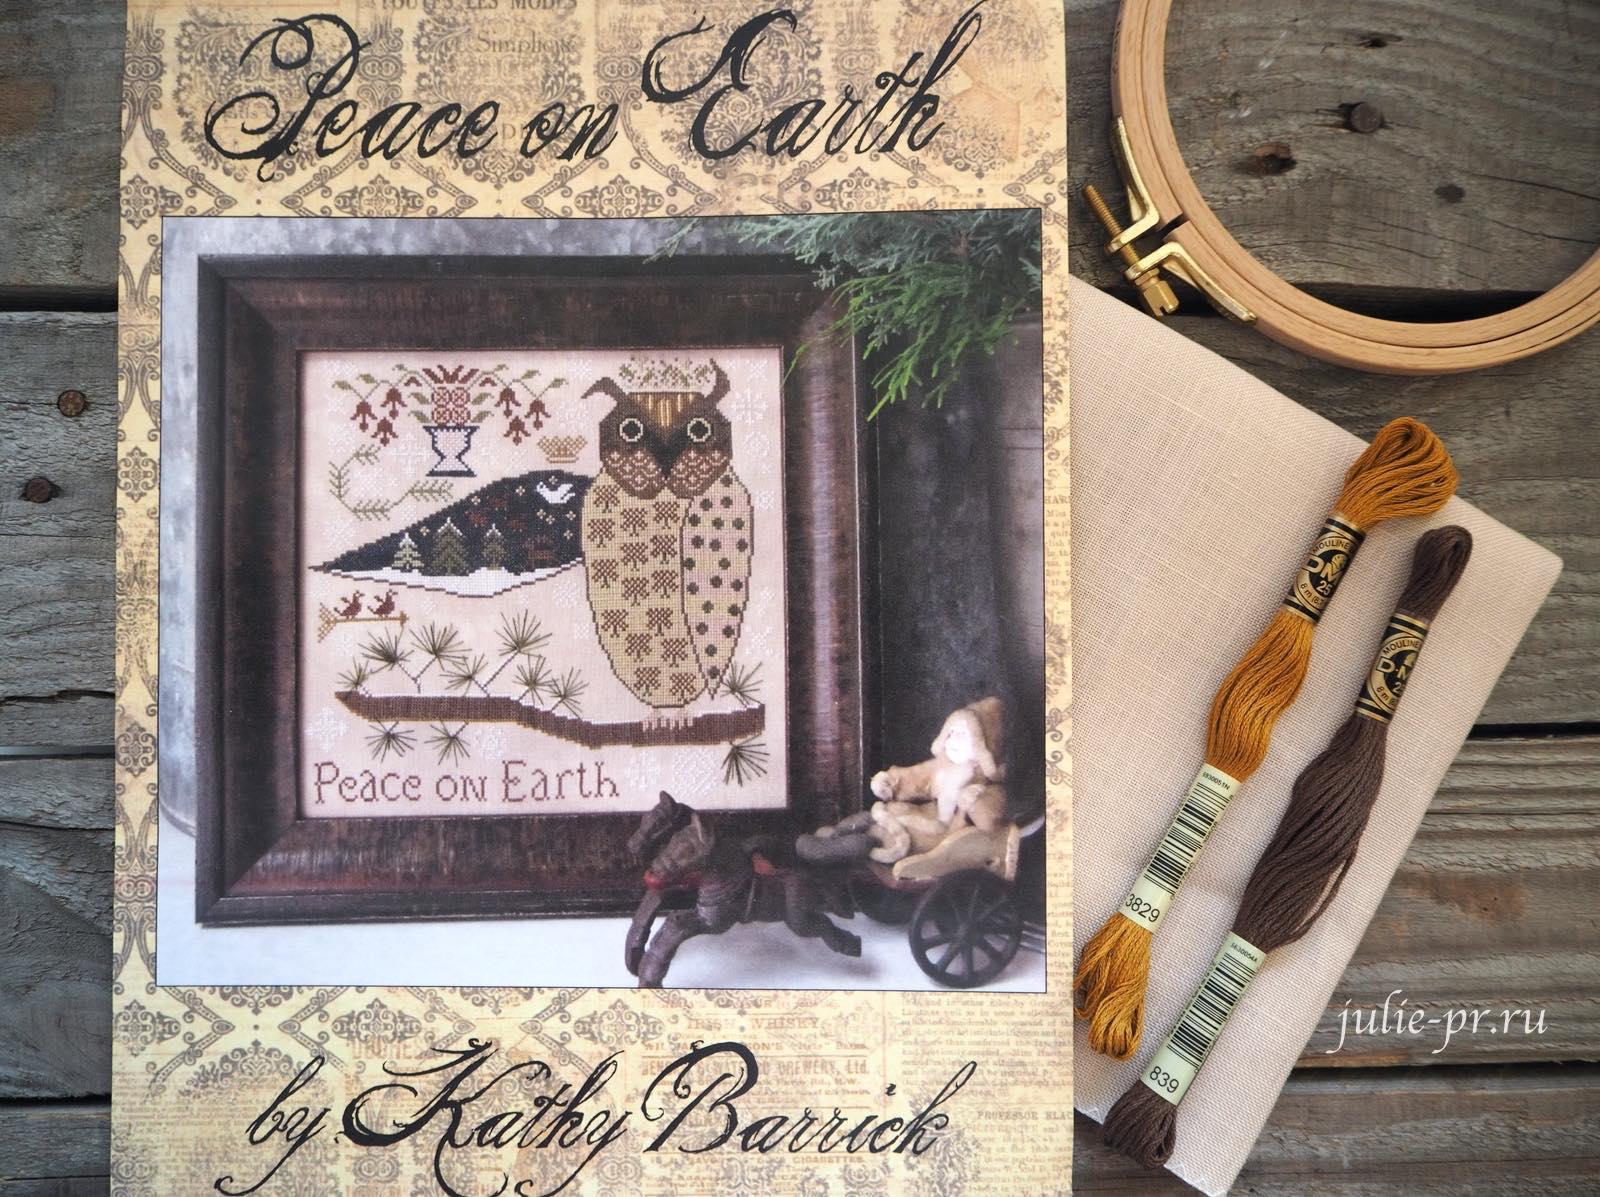 Peace on Earth, Мир на земле, Kathy Barrick, Кэти Бэррик, вышивка крестом, примитив